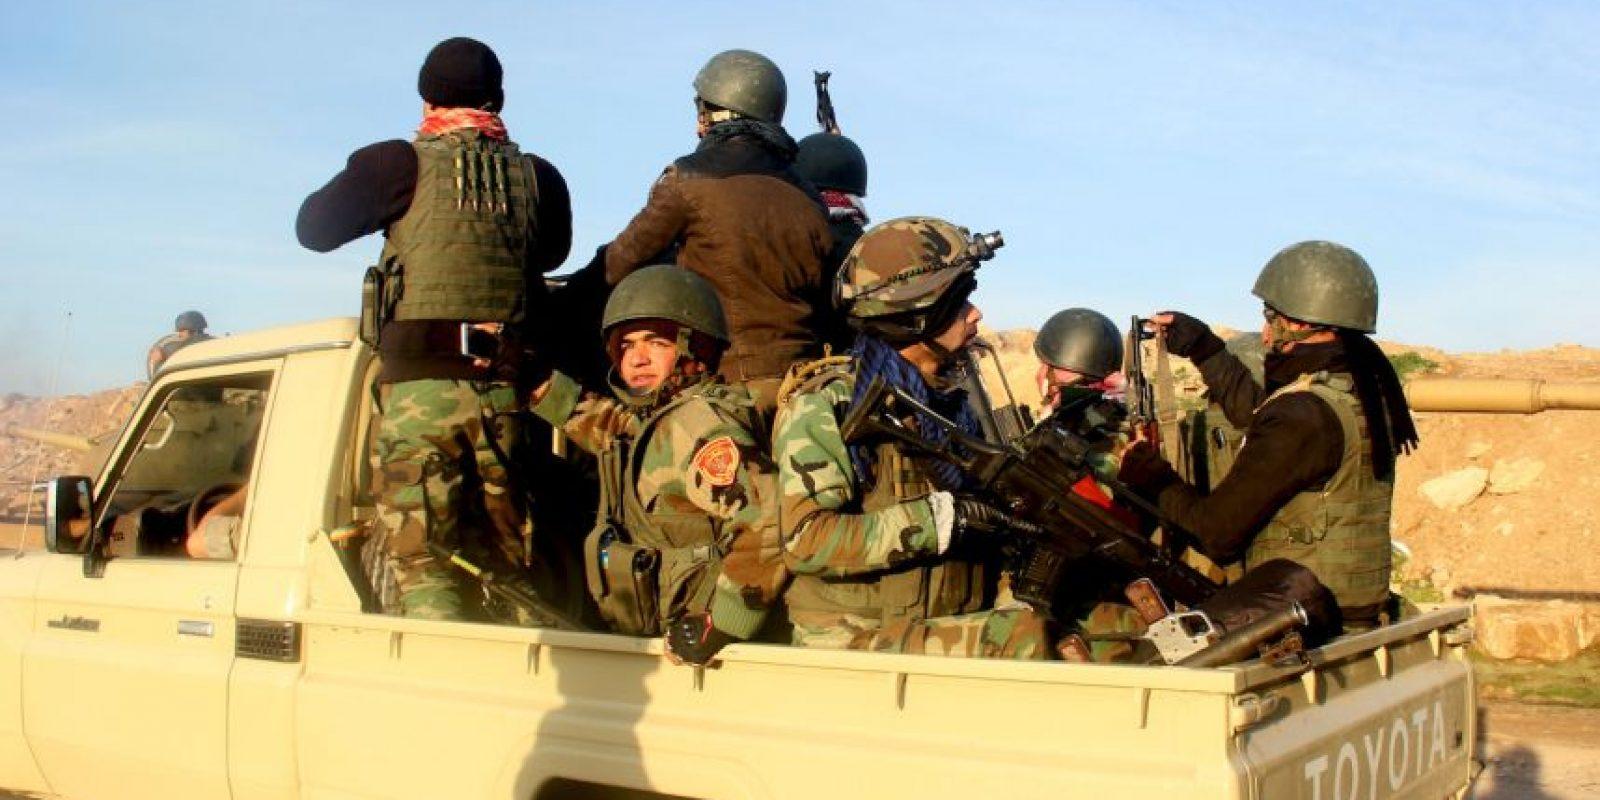 Las tropas militares tienen que prepararse bien para enfrentar a los terroristas. Foto:AP